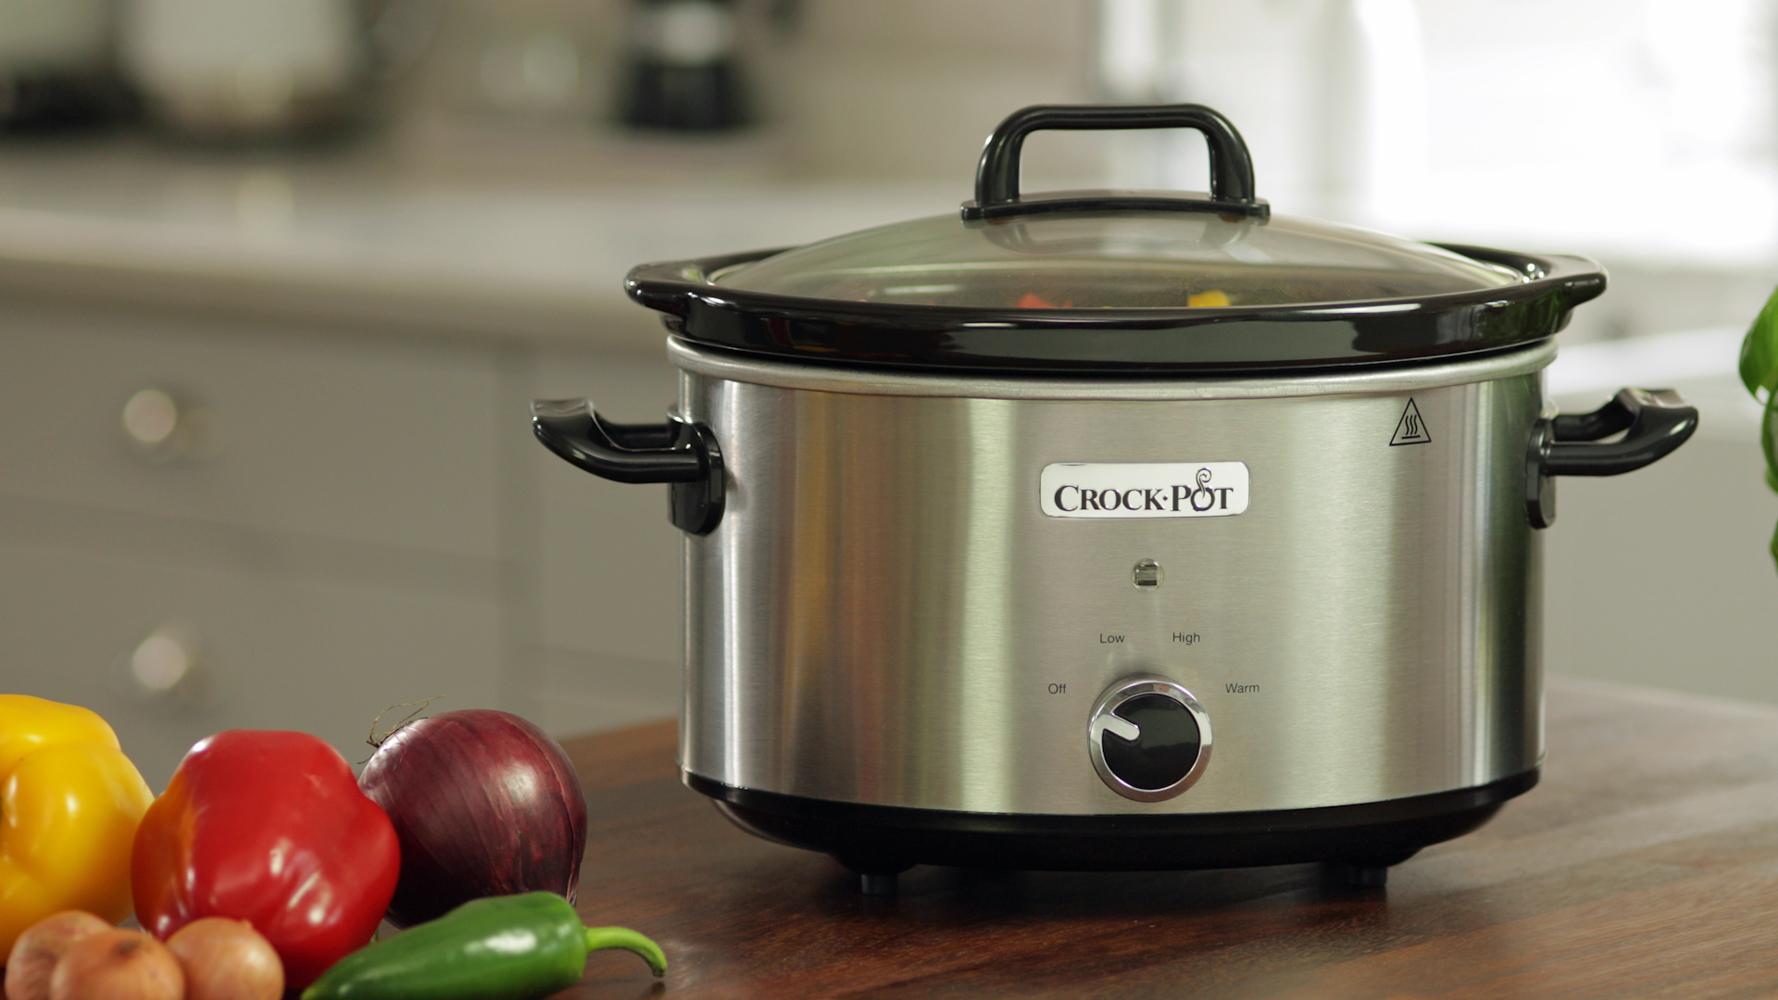 cocina crock-pot